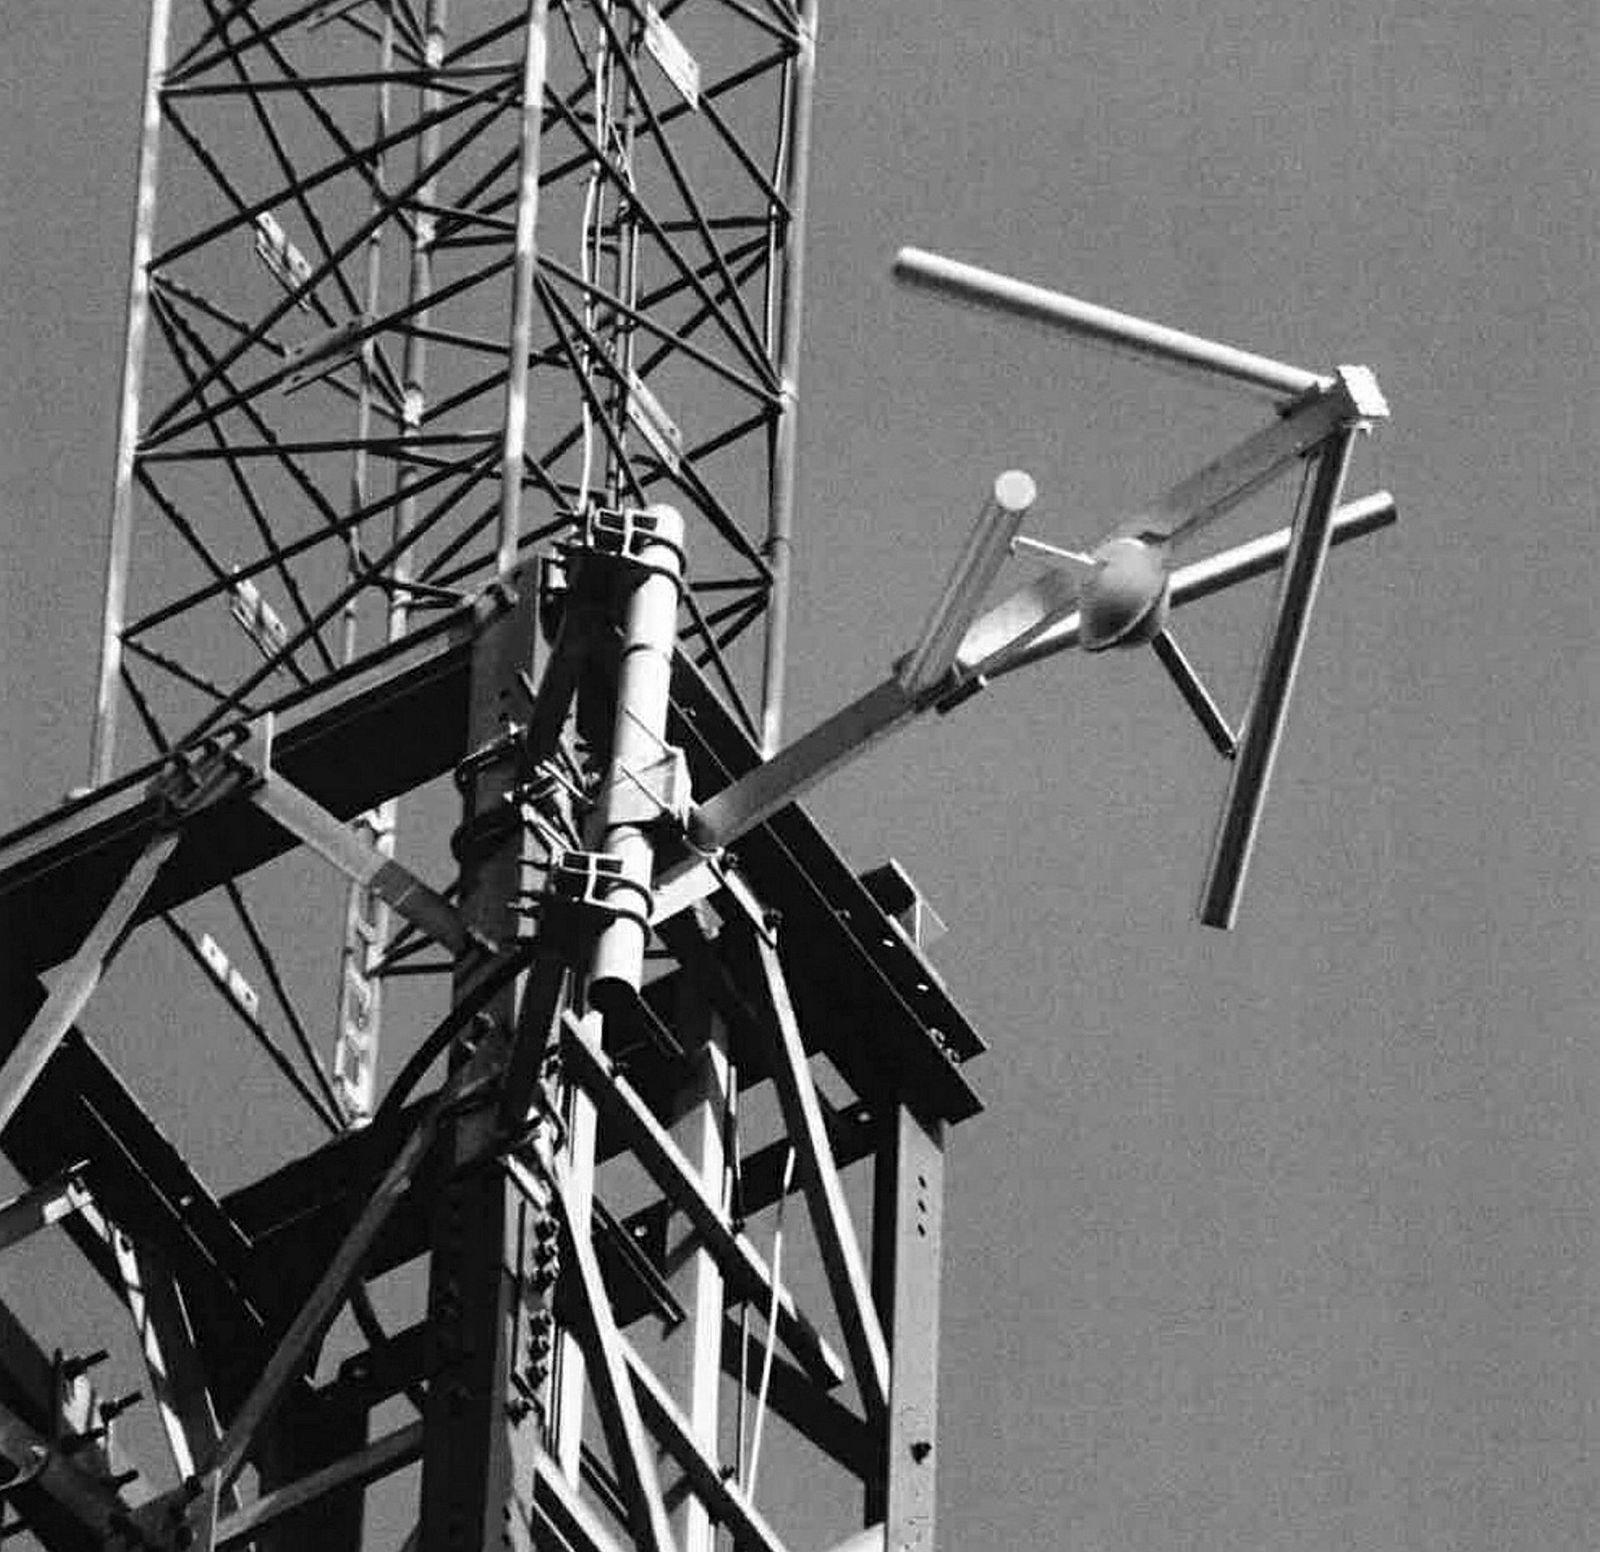 Mistenkt ulovlig fm-sender. – Hvor langt kabelen gikk opp vet vi ikke, men sannsynligvis gikk den til fm antennen montert på toppen av masten, skriver Nkom i en tilsynsrapport fra en radiomast på Voksenkollen.